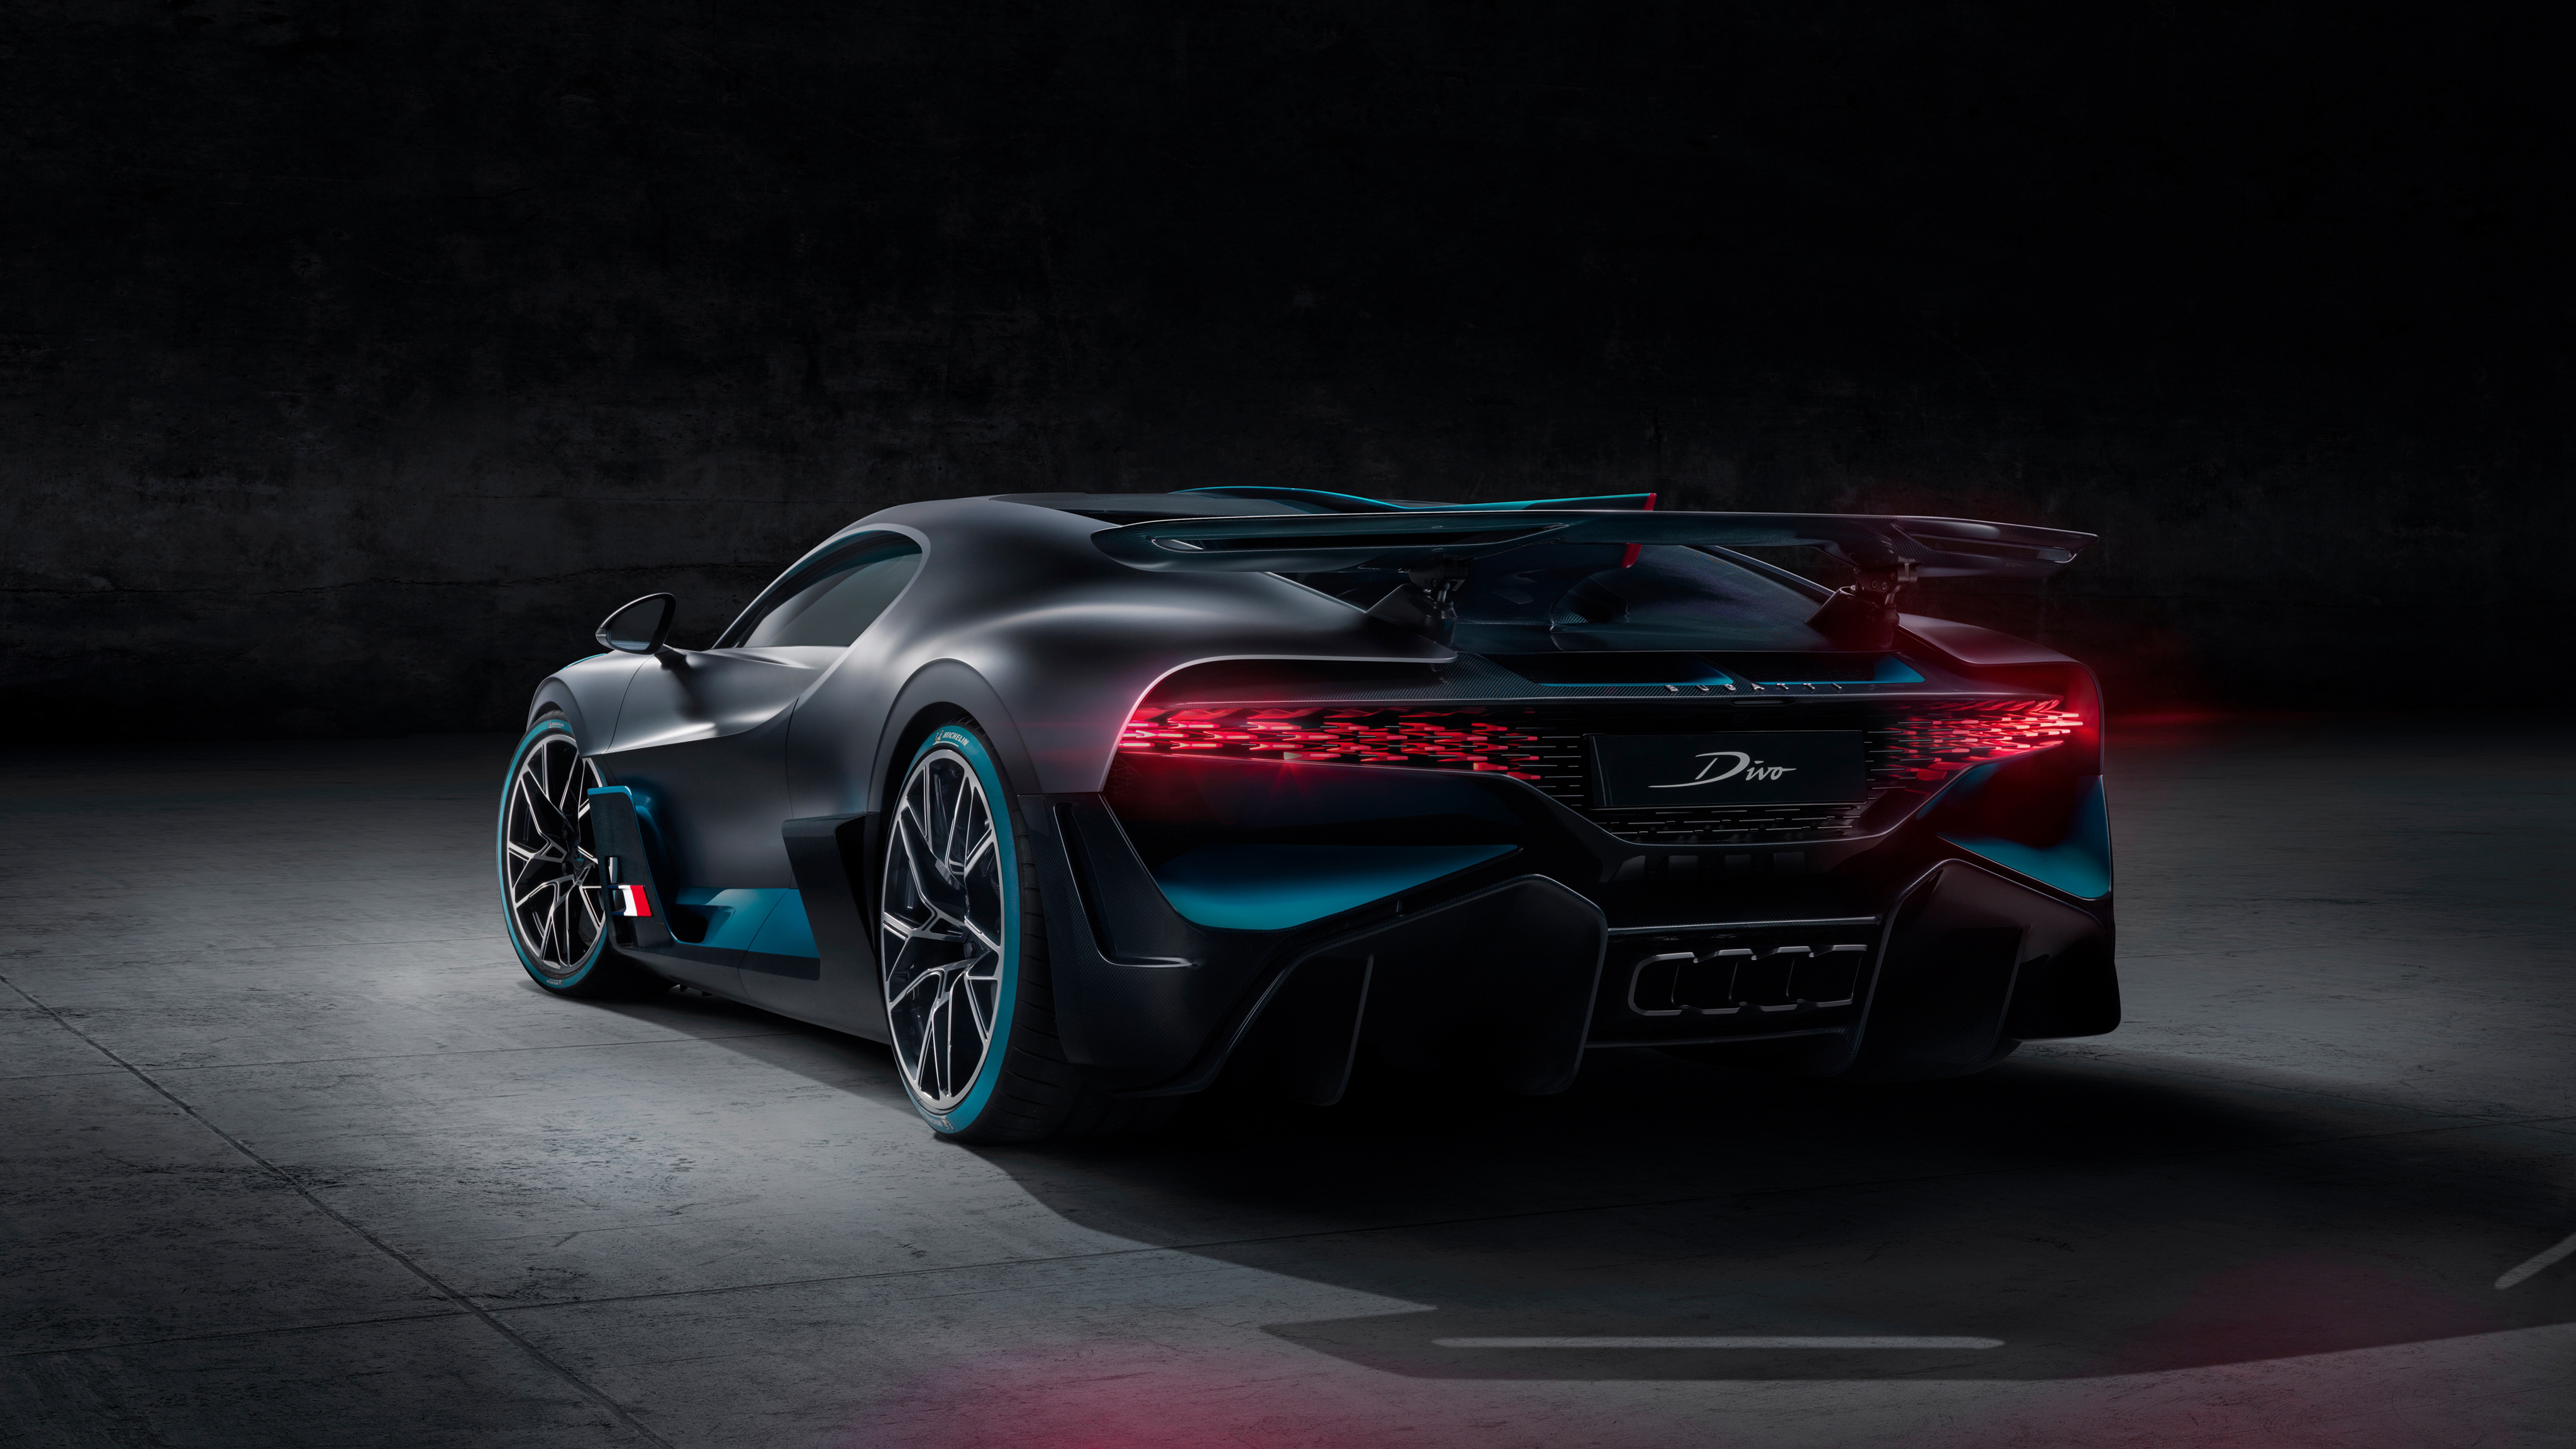 2019 Bugatti Divo 4K 7 Wallpaper | HD Car Wallpapers | ID ...